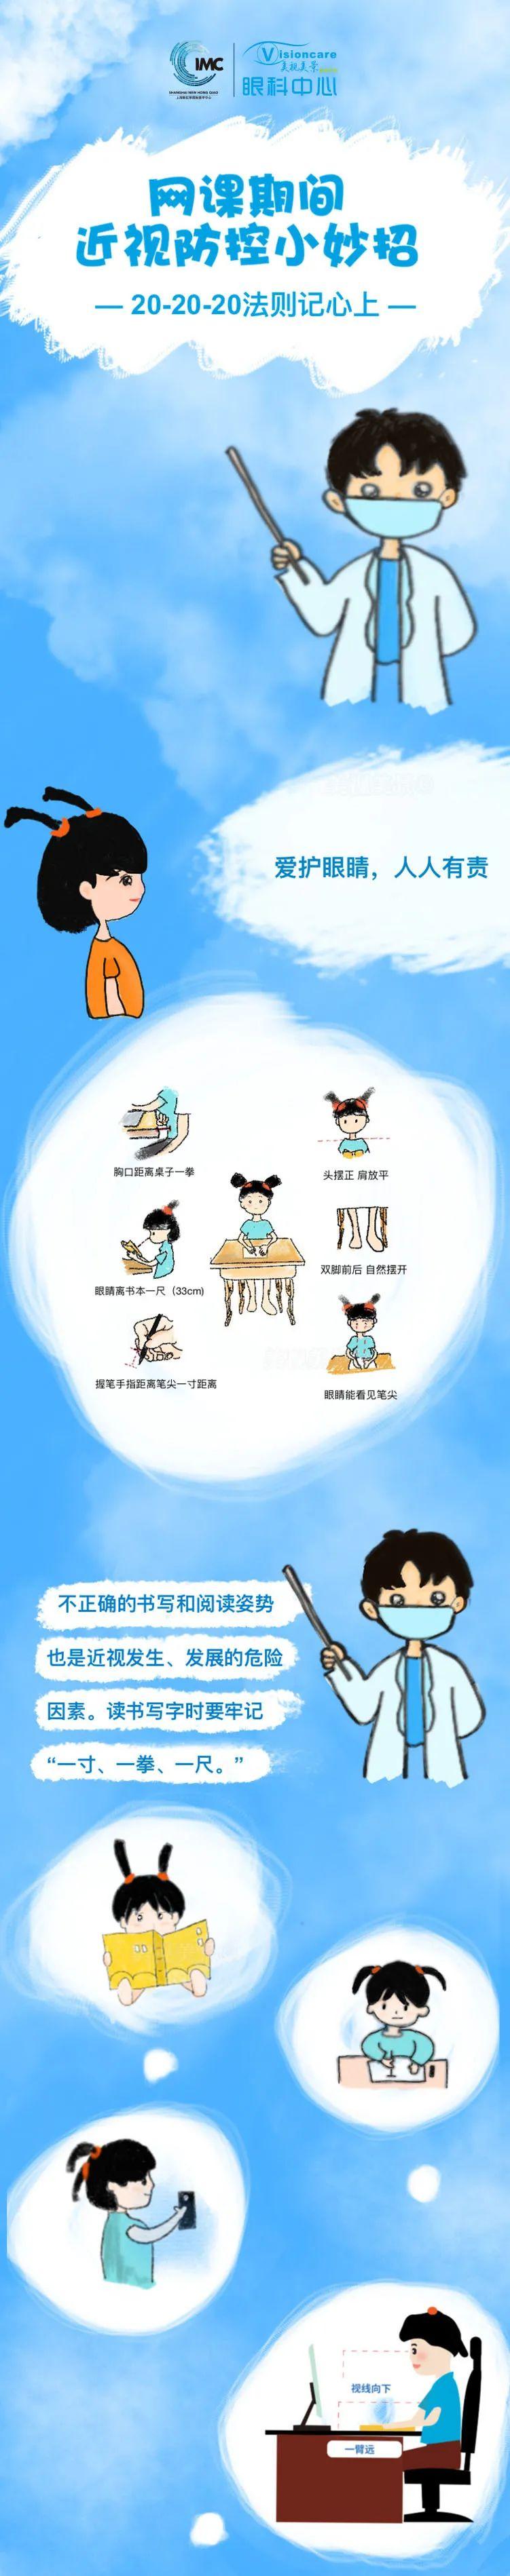 《网课期间近视防控小妙招》荣获上海市健康科普优秀作品征集活动图文类优秀奖